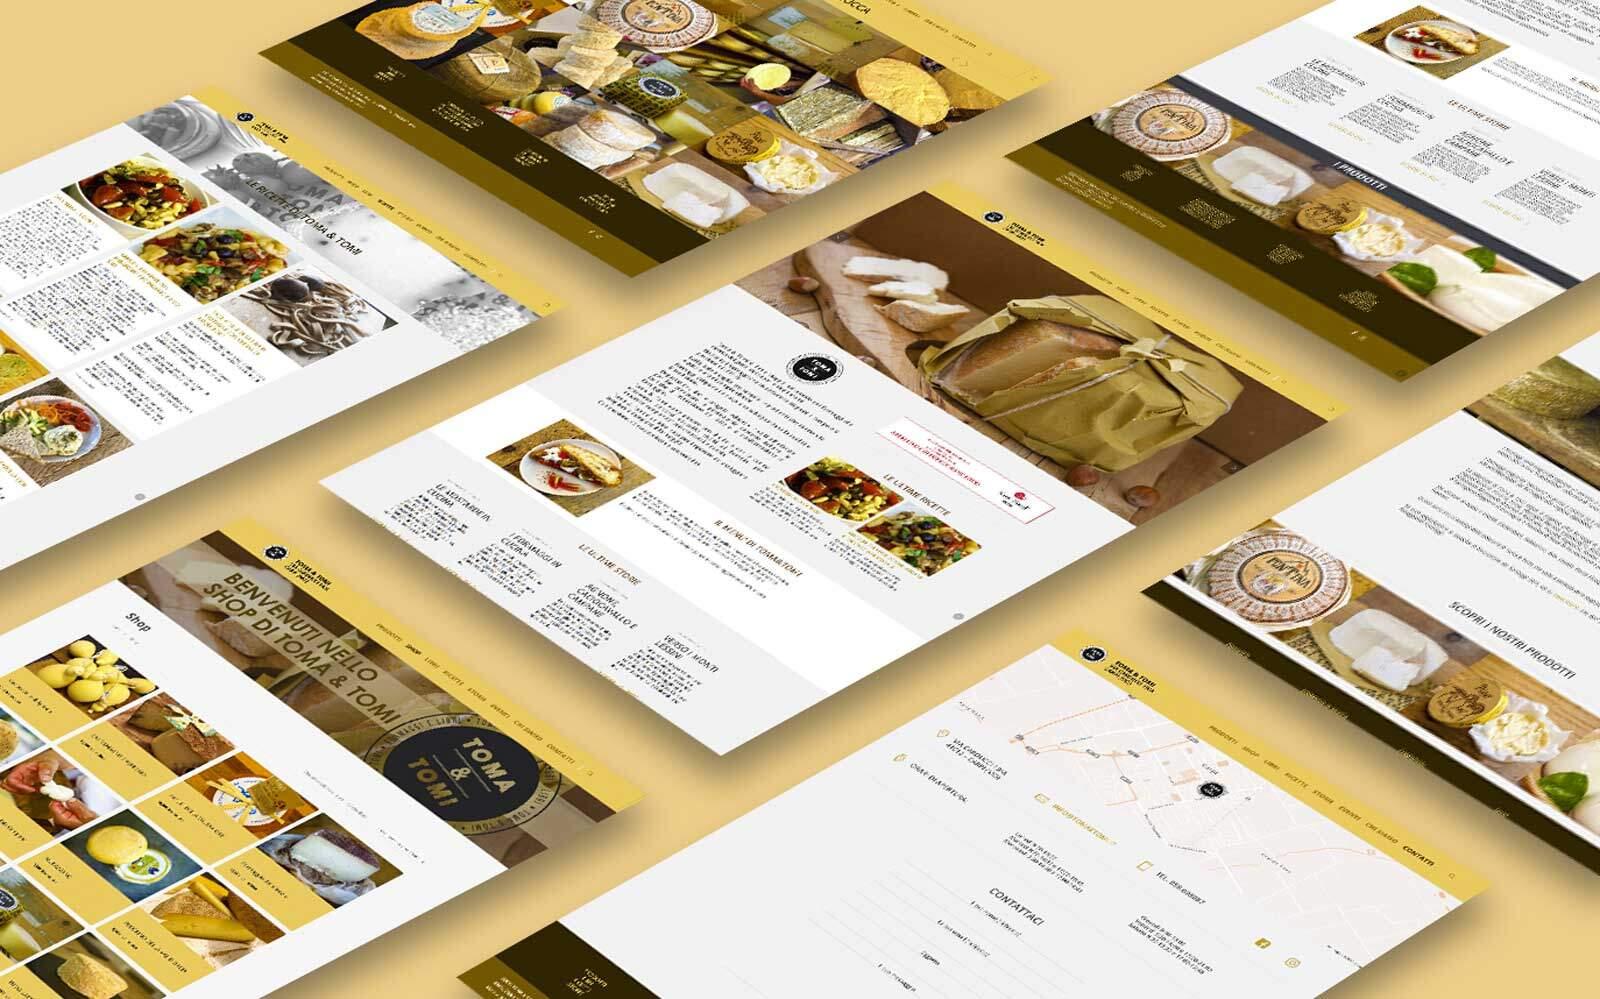 innobrain-web-design-graphic-portfolio-fullscreen_tomaetomi